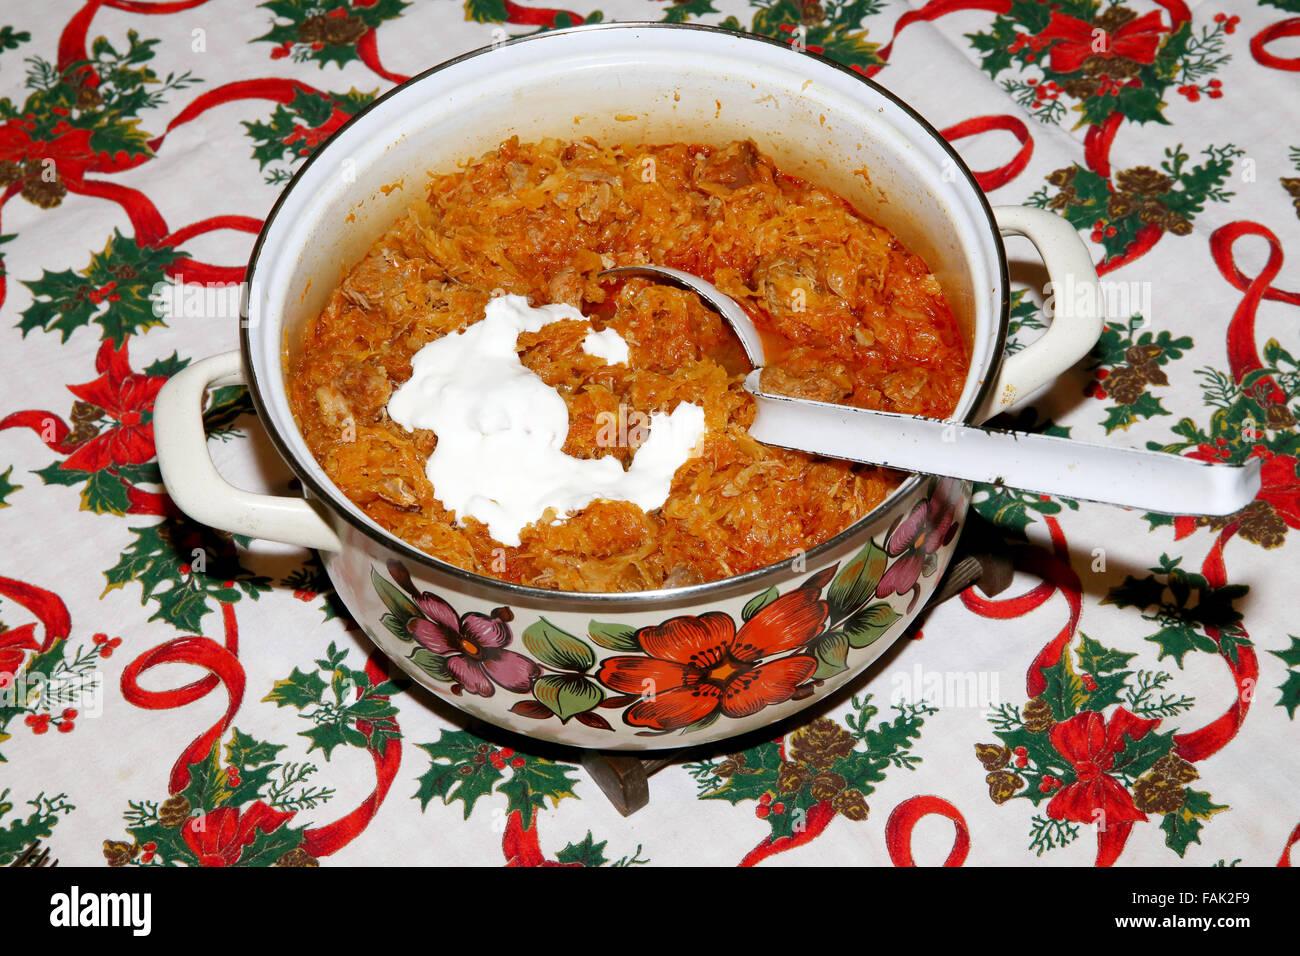 Hungarian Christmas Traditions.Homemade Traditional Hungarian Christmas Cabbage Meal Stock